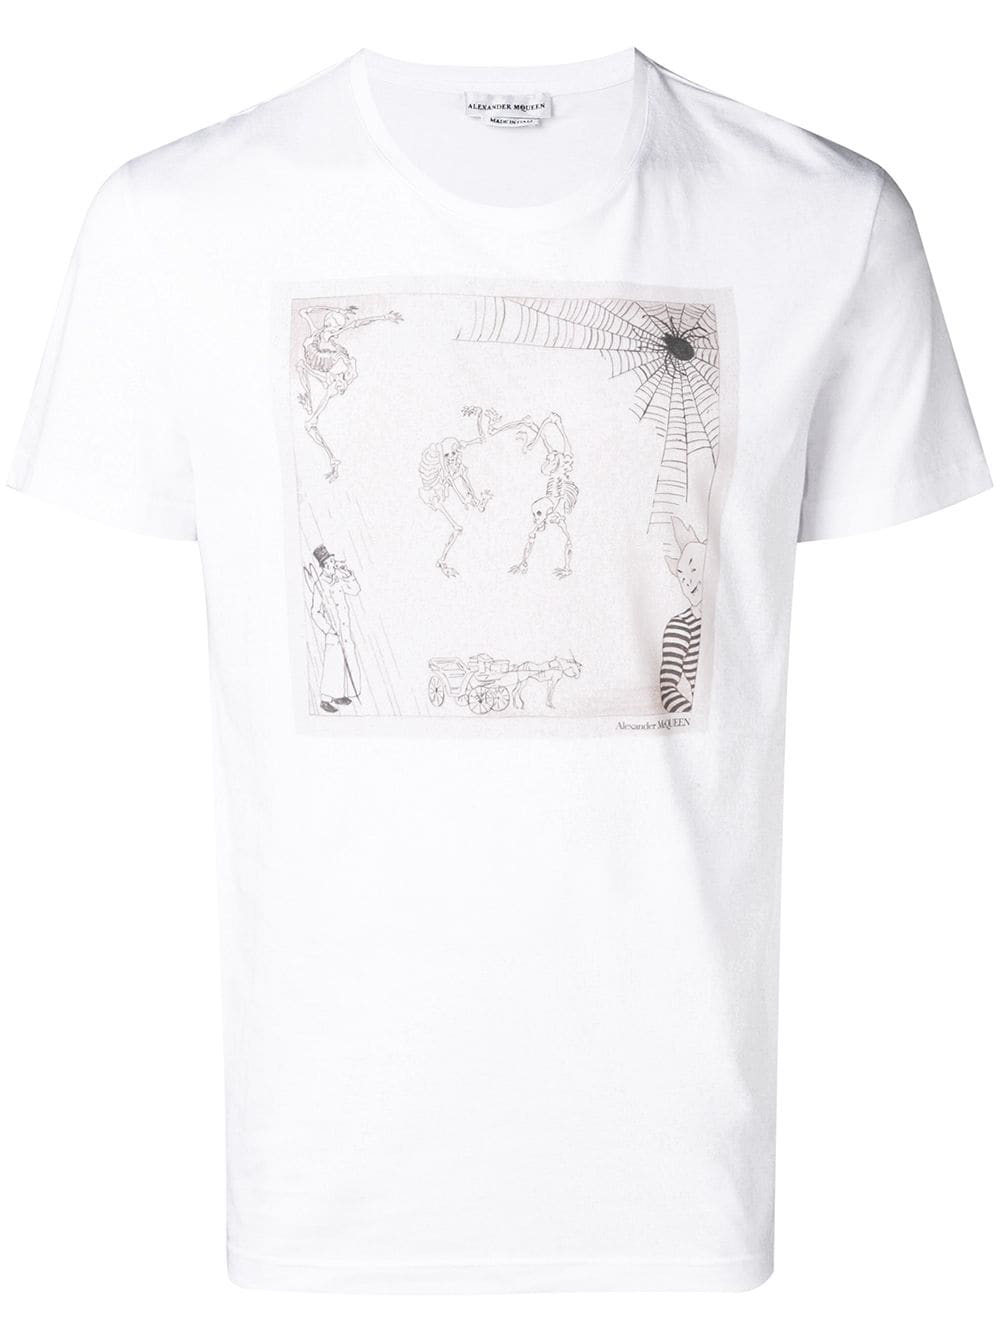 a10d2774 Alexander Mcqueen Dancing Skeleton T-Shirt - White | ModeSens